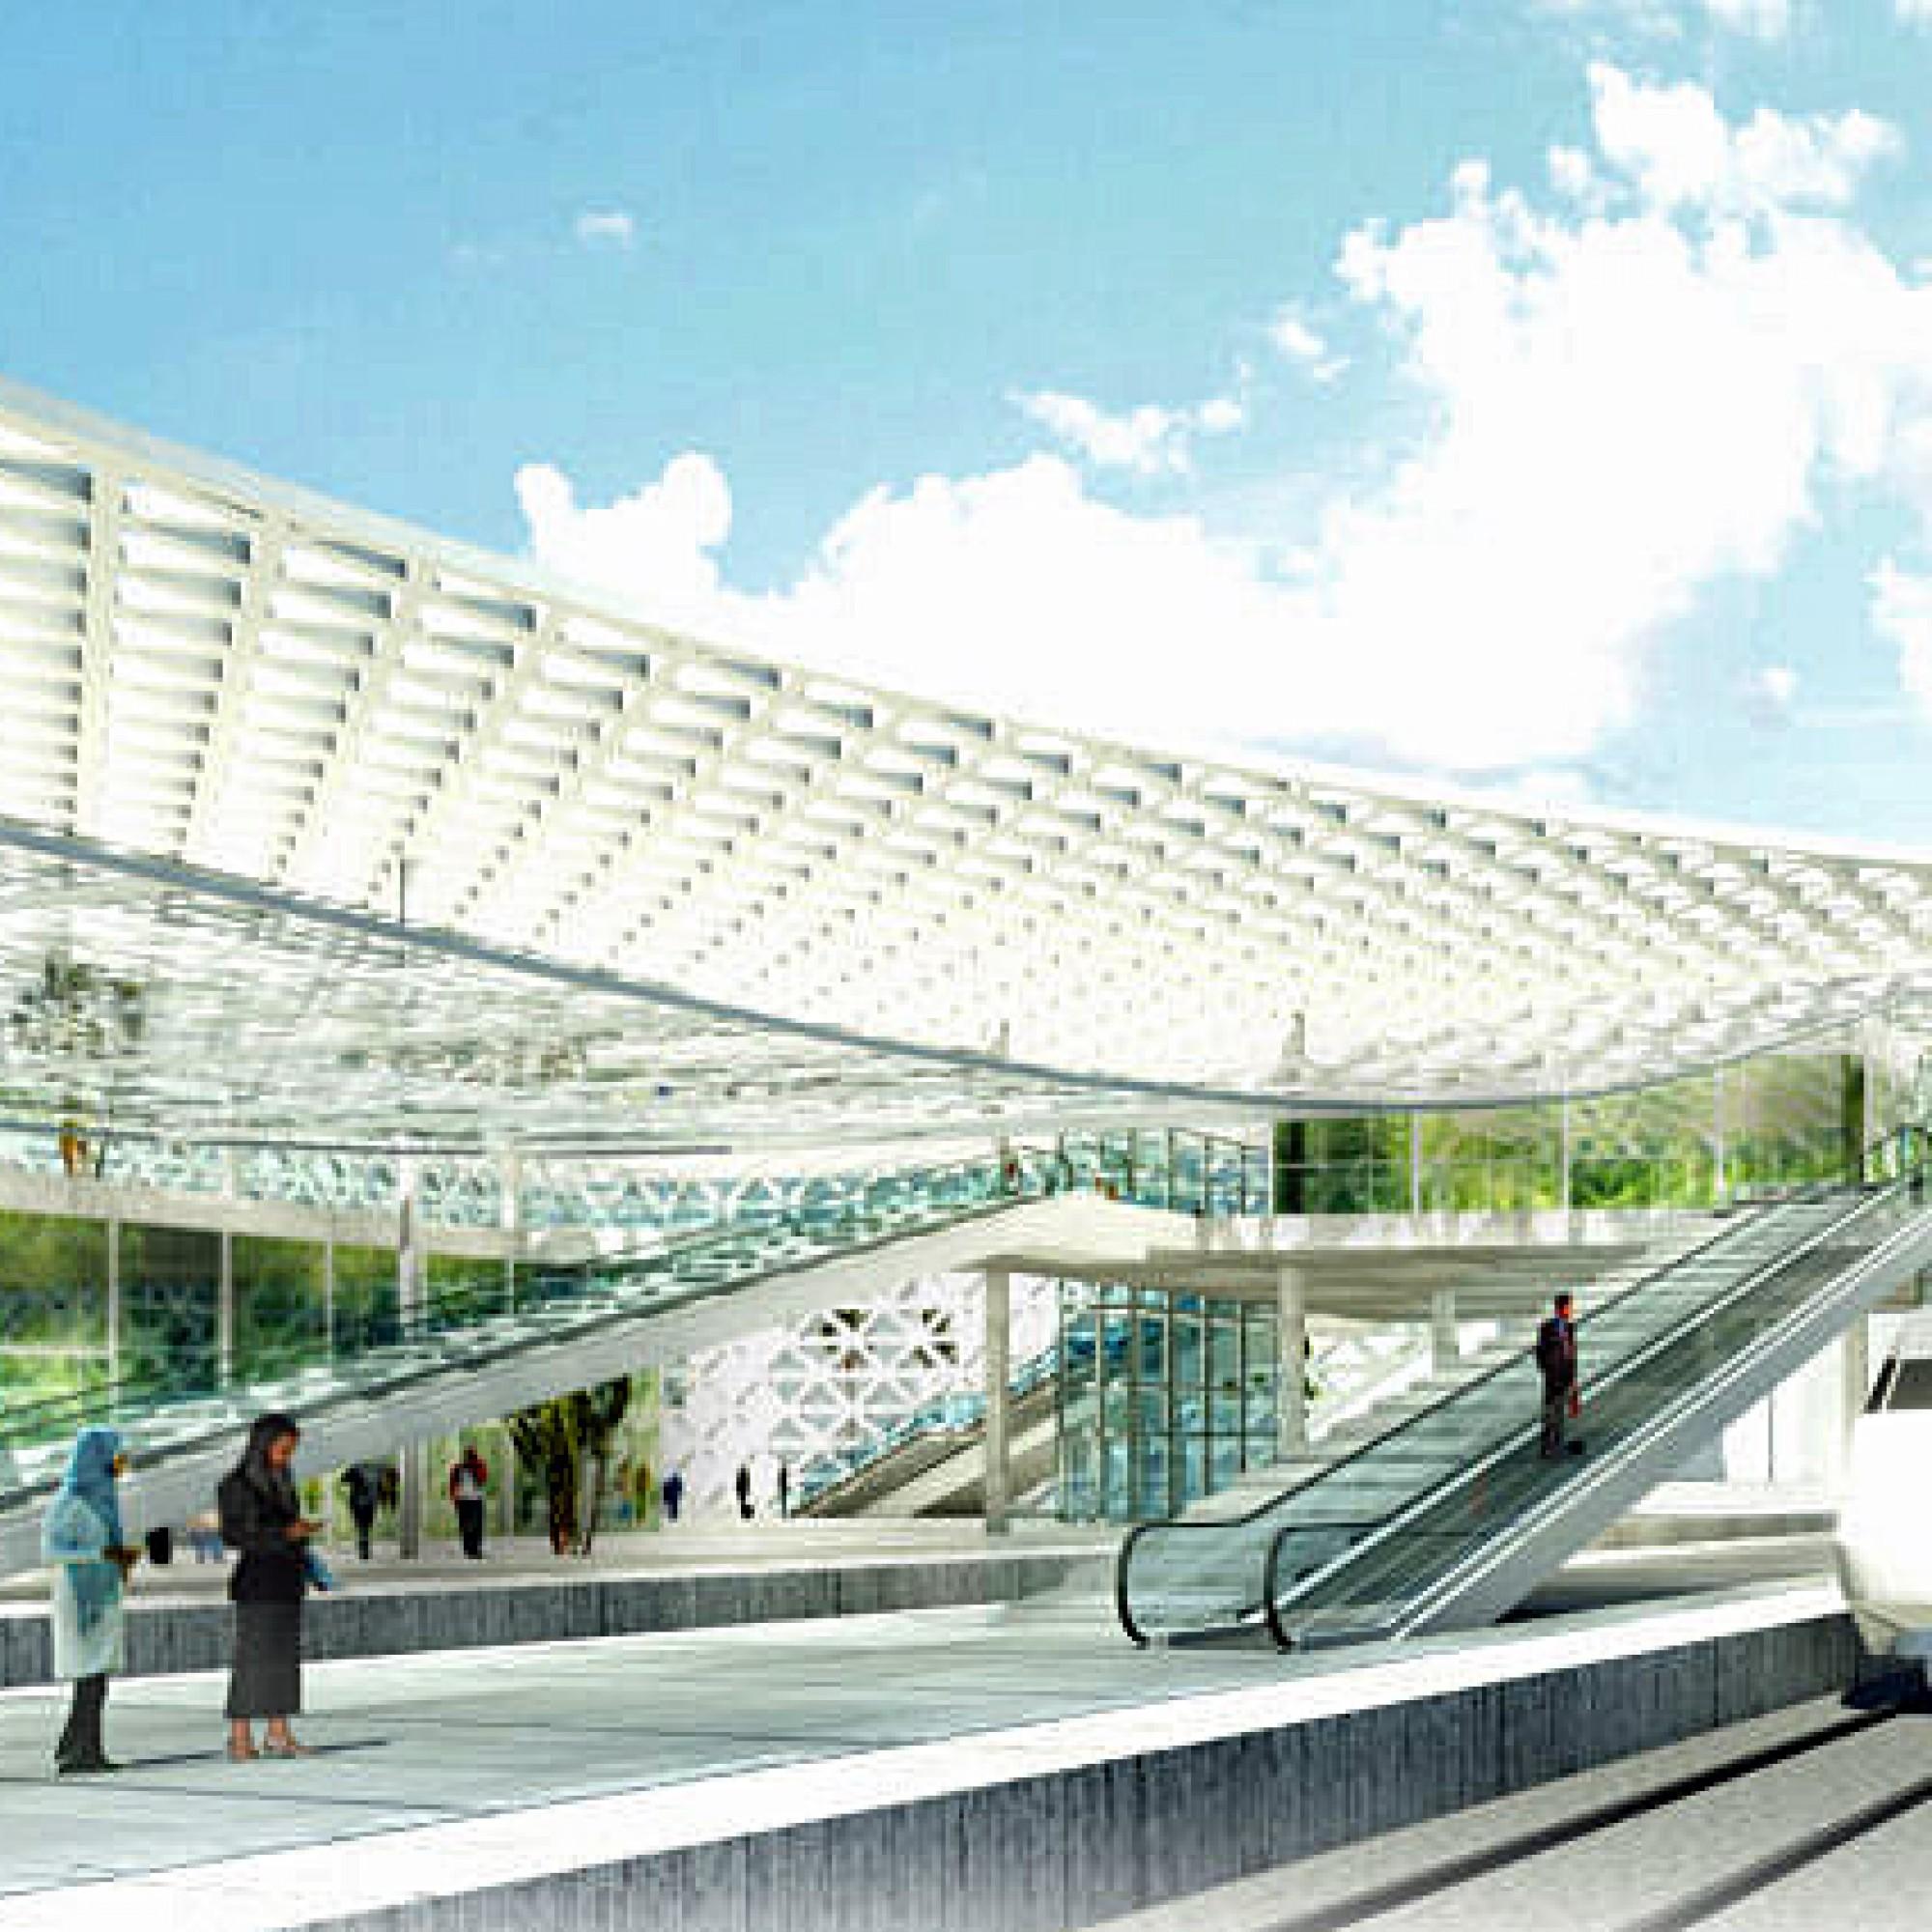 Das Hauptvolumen des Bahnhofs besteht aus einer grossen, erhöhten Passerelle, die zu allen Gleisen führt. Diese Fussgängerbrücke soll begrünt werden und kann über Rolltreppen vom ebenerdigen Geschoss erreicht werden. (Bild: Architekten)